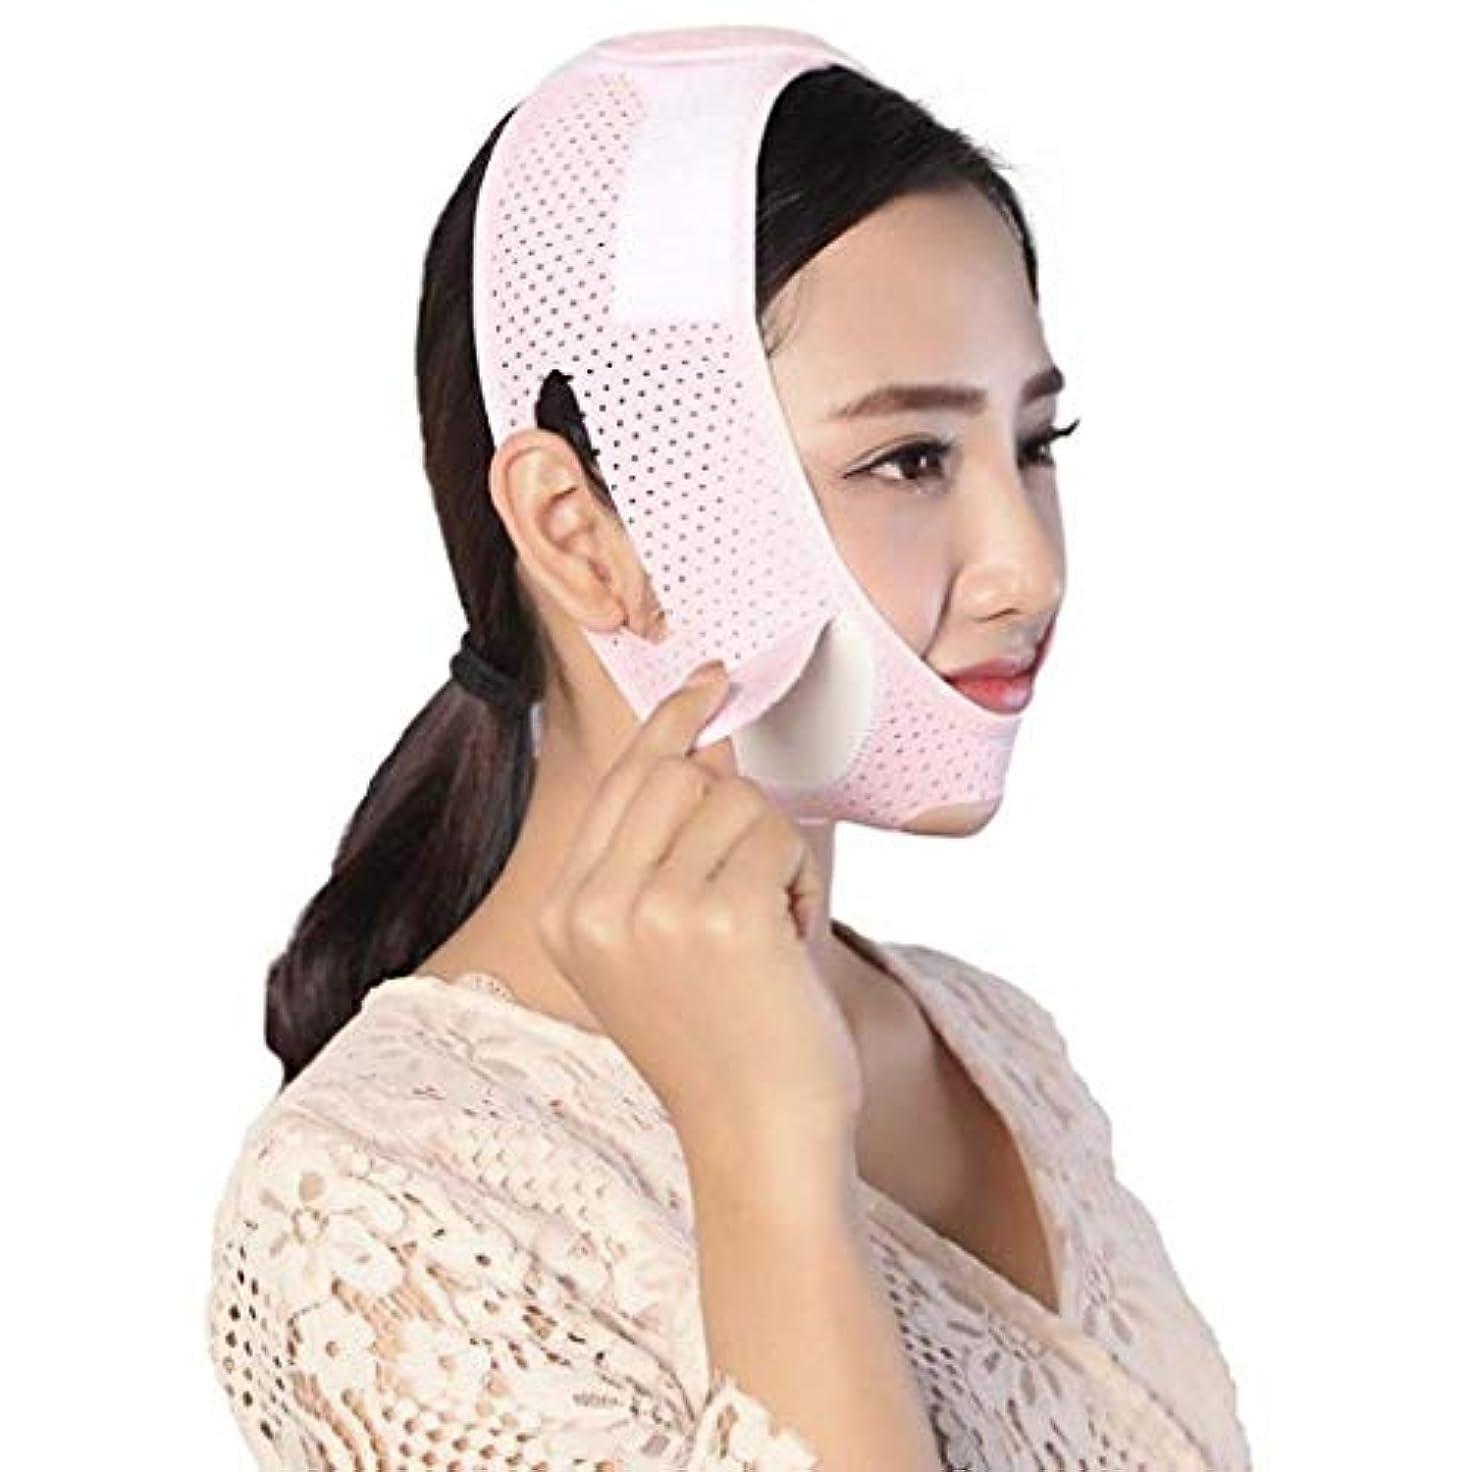 自己尊重ちなみに住人Vフェイスリフティング痩身Vフェイスマスクフルカバレッジ包帯減らす顔の二重あごケア減量美容ベルト通気性